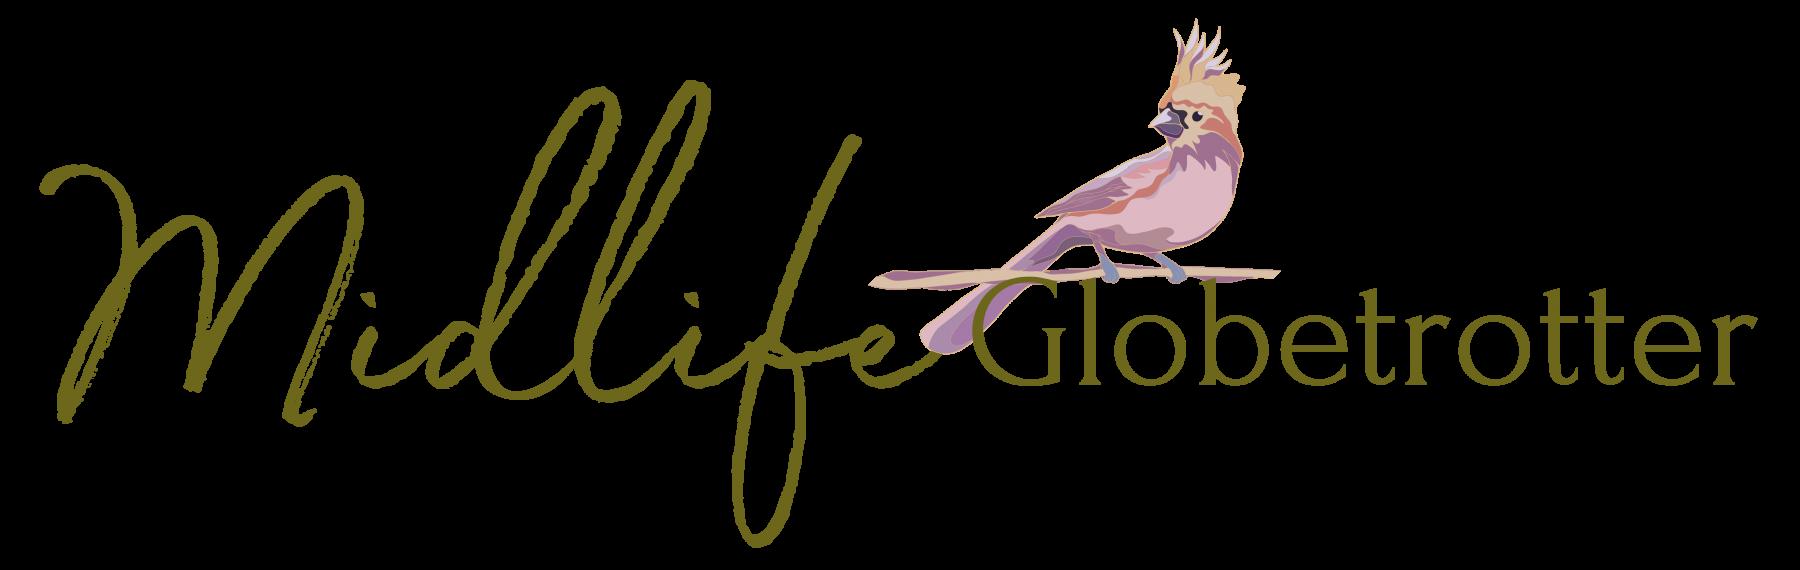 midlife-globetrotter-logo-horizontal